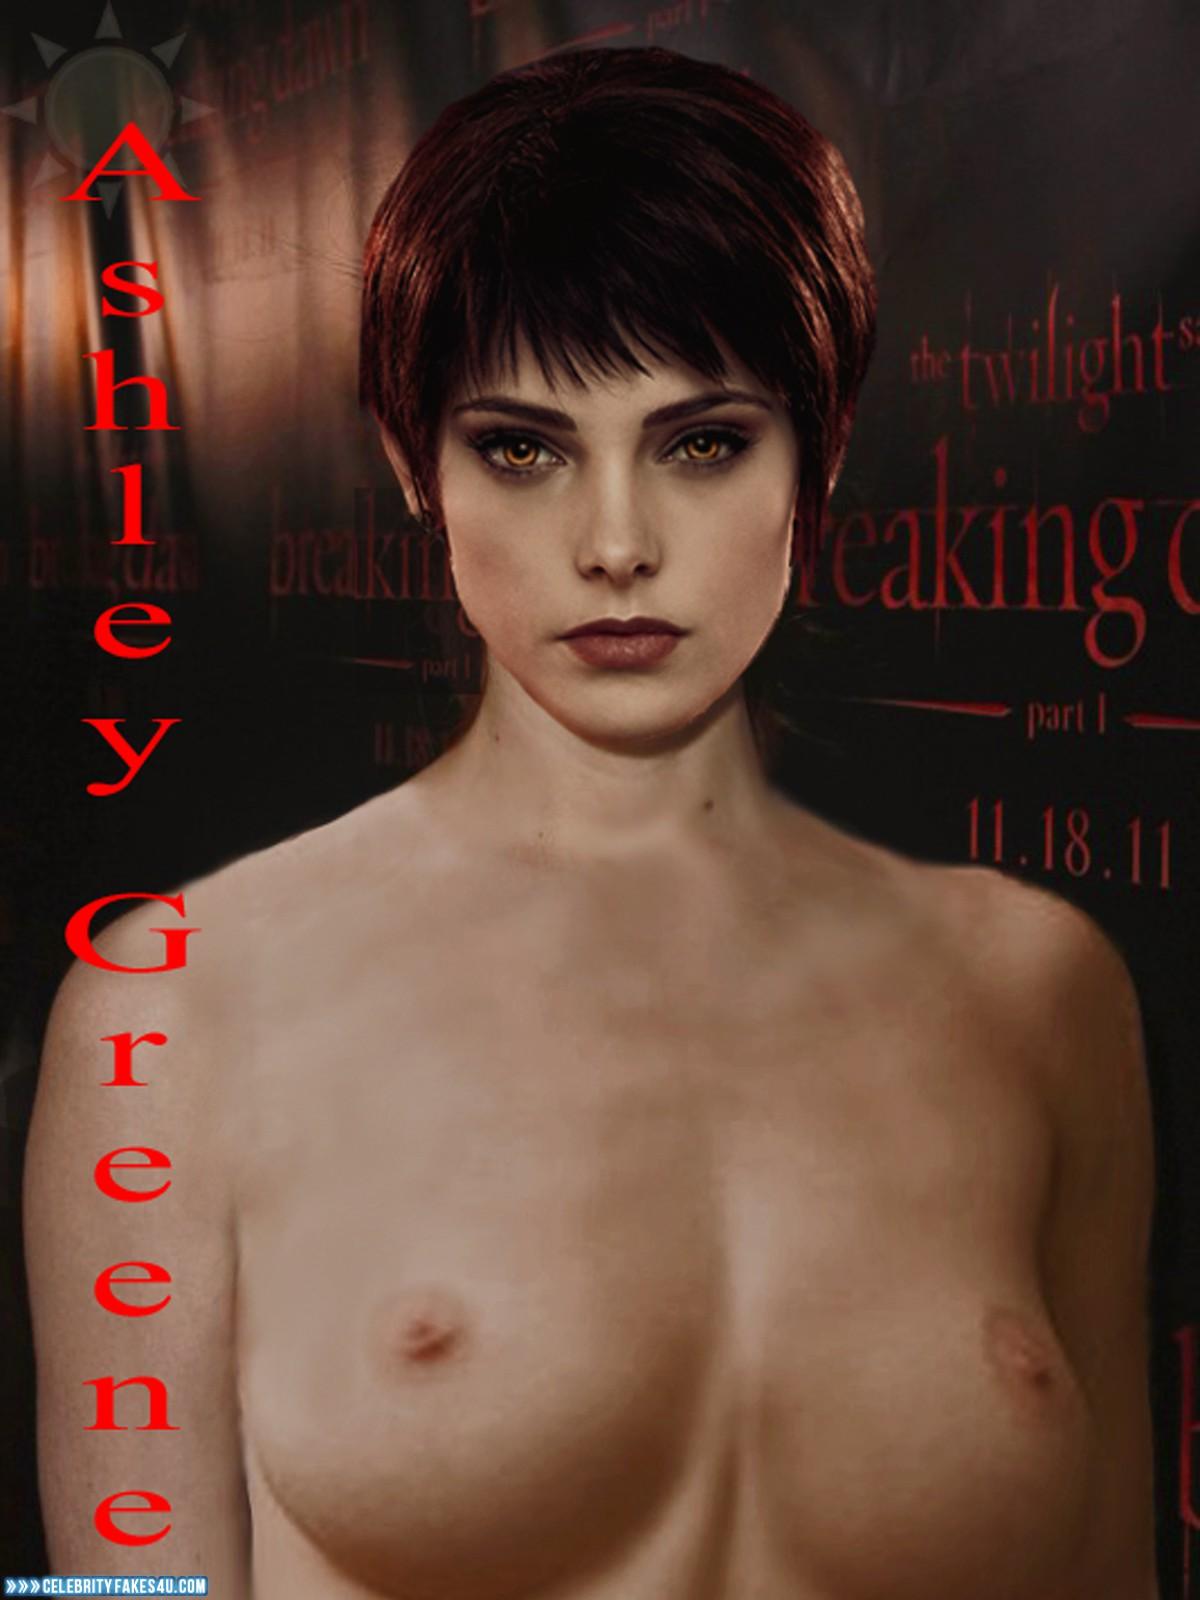 Maria ozawa young naked